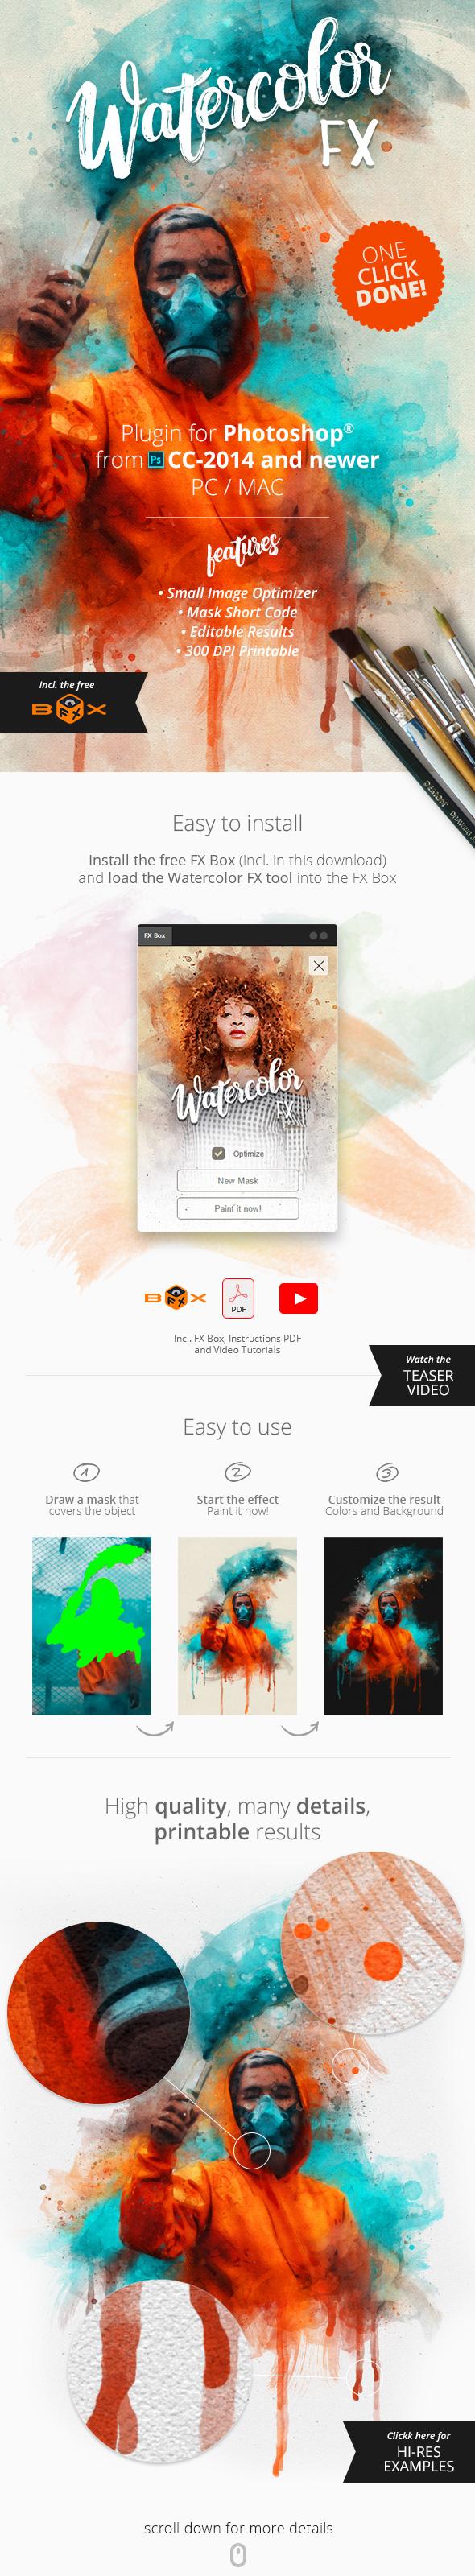 Graphicriver   Watercolor FX - Photo Effect Plugin Free Download free download Graphicriver   Watercolor FX - Photo Effect Plugin Free Download nulled Graphicriver   Watercolor FX - Photo Effect Plugin Free Download